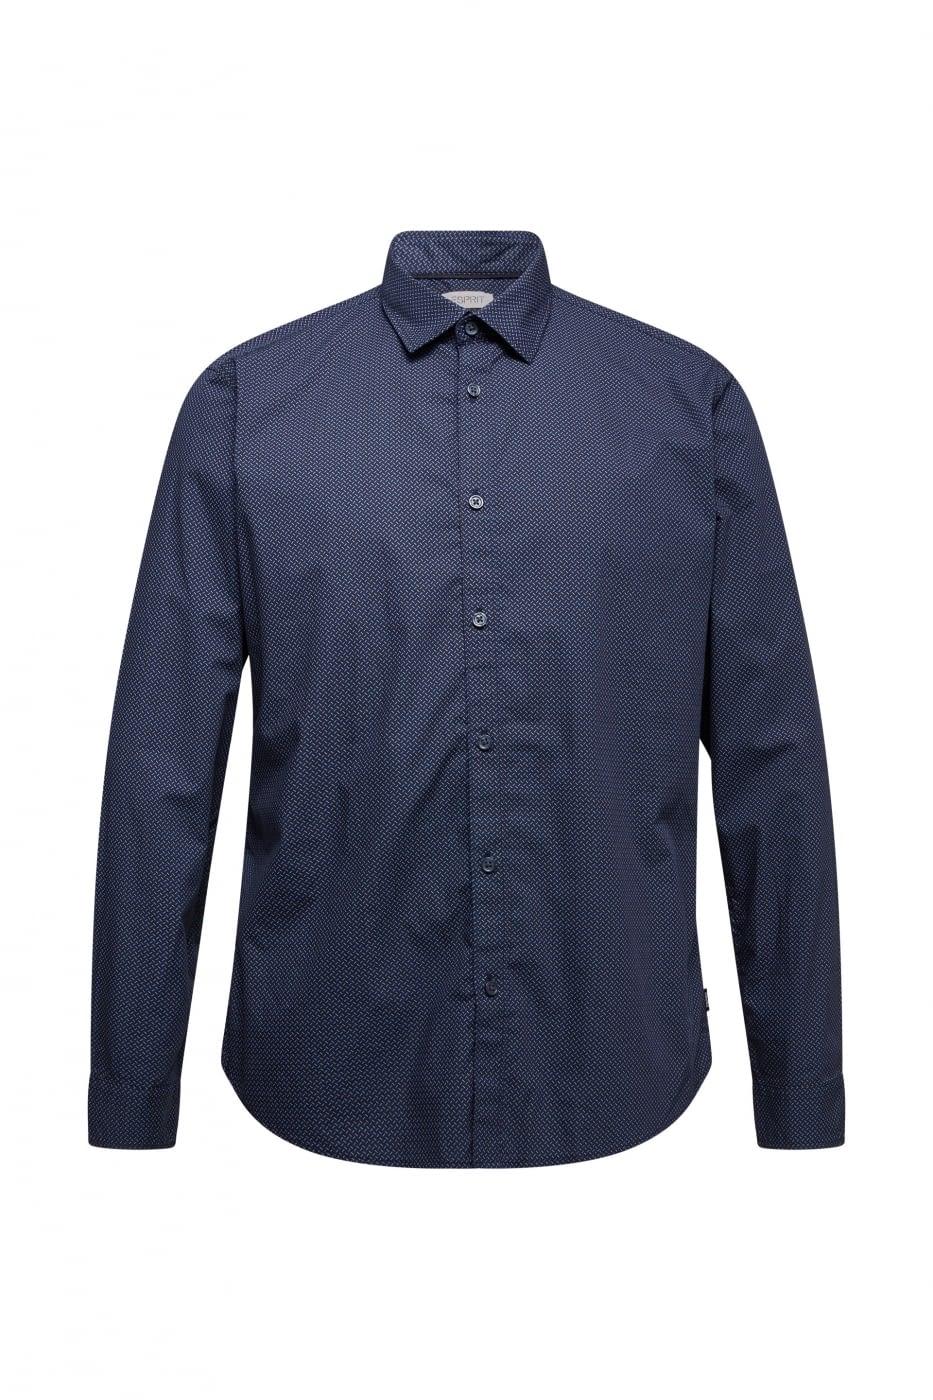 ESPRIT camisa manga larga